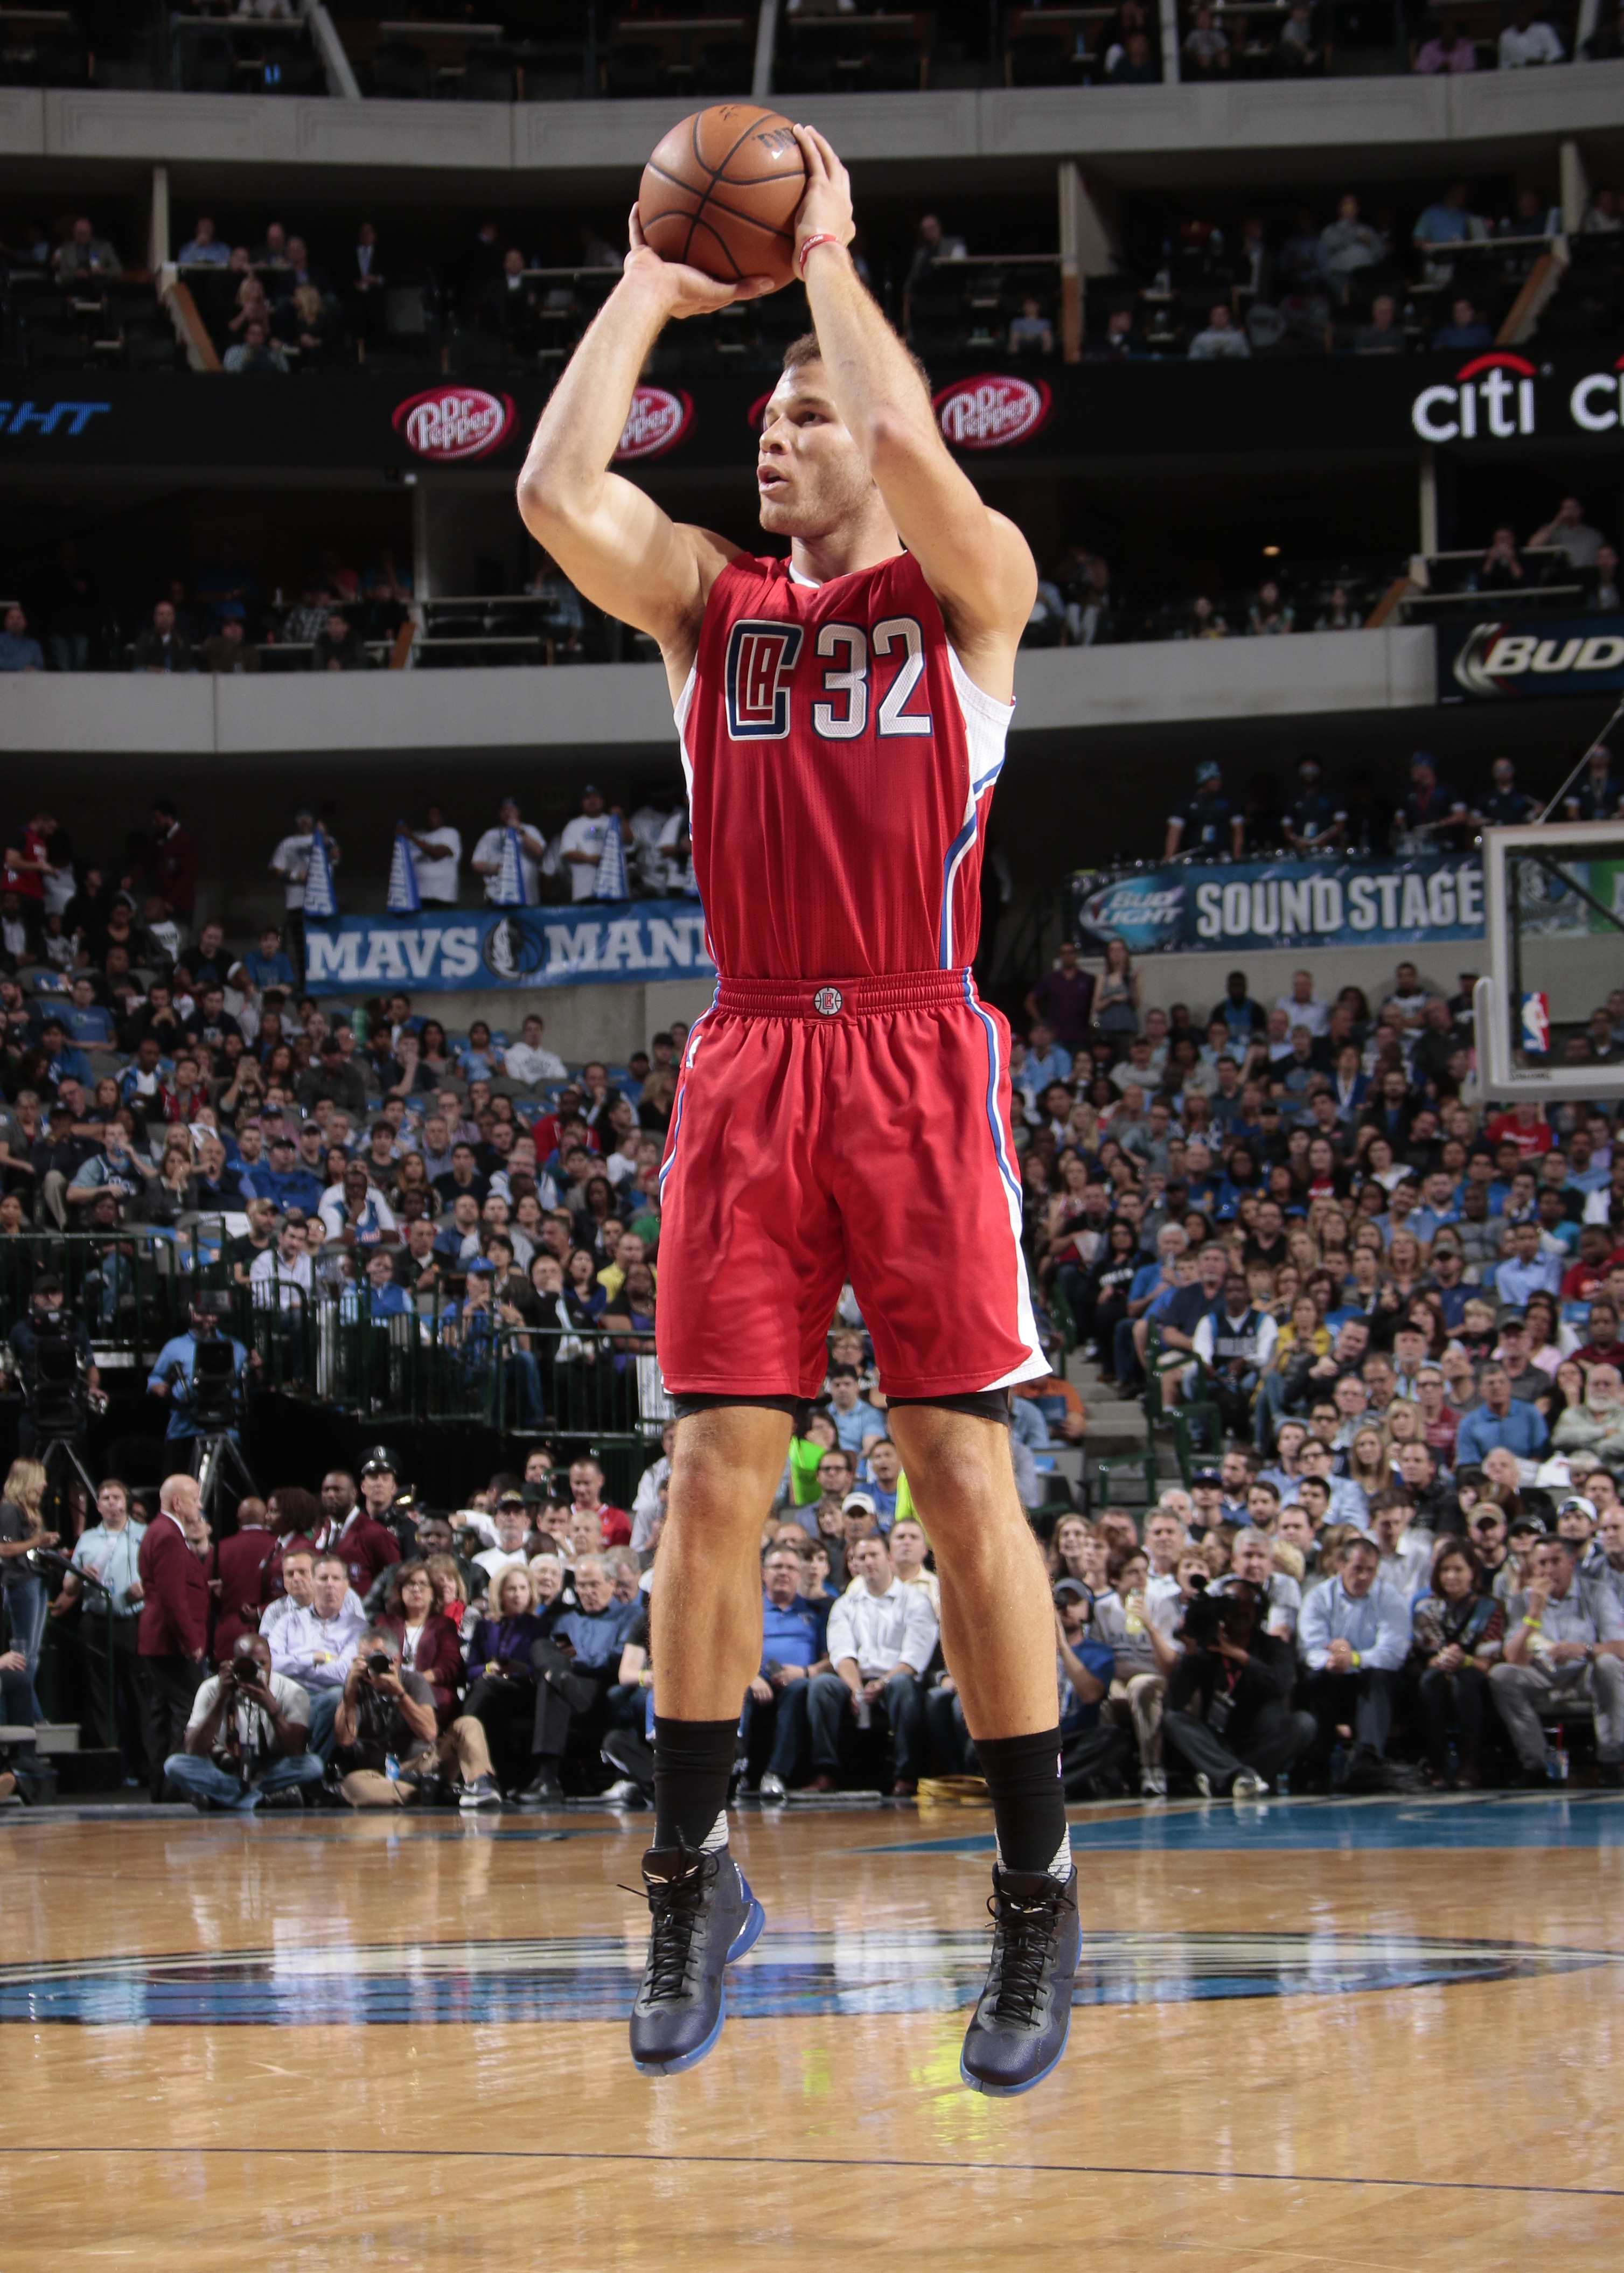 Combinada NBA: TOR Raptors - ATL Hawks + MIA Heat - LA Clippers